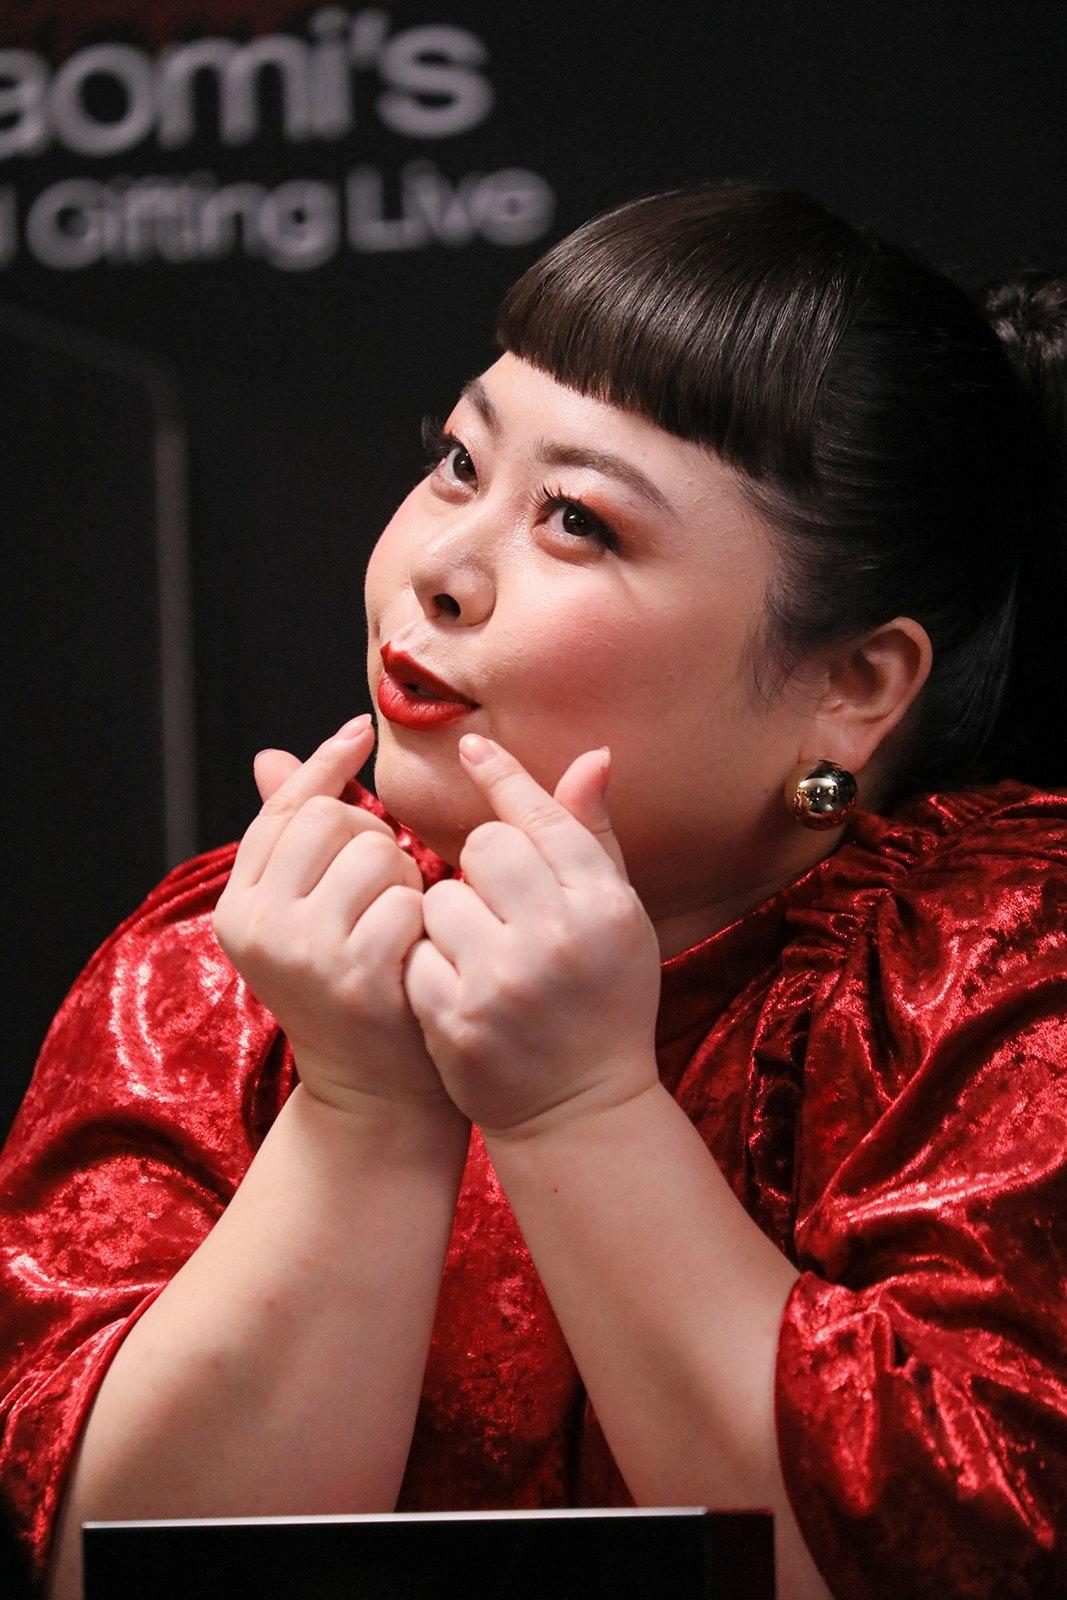 渡辺直美 シュウウエムラ